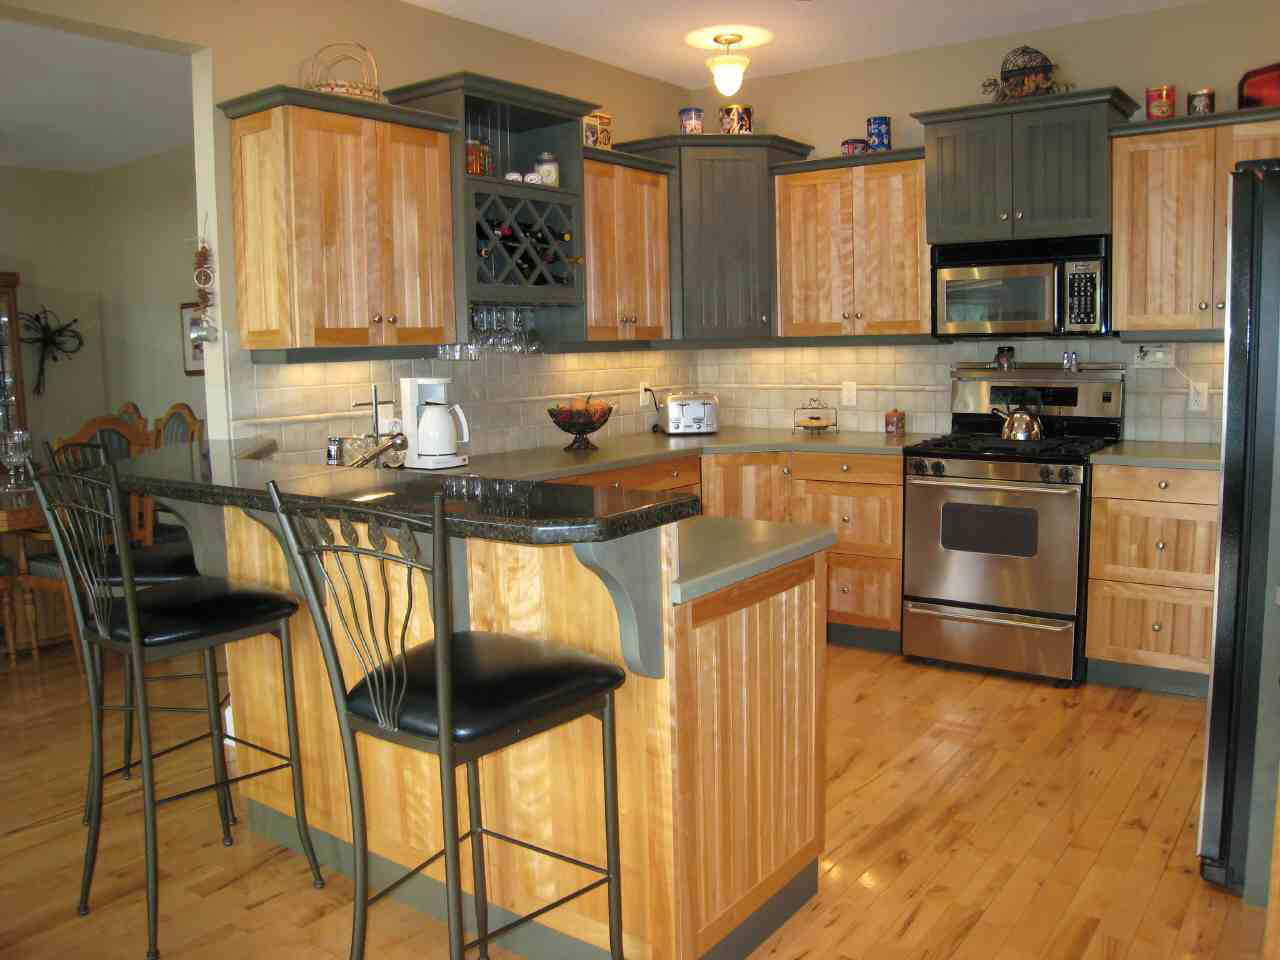 Wall mounted kitchen storage photo - 1